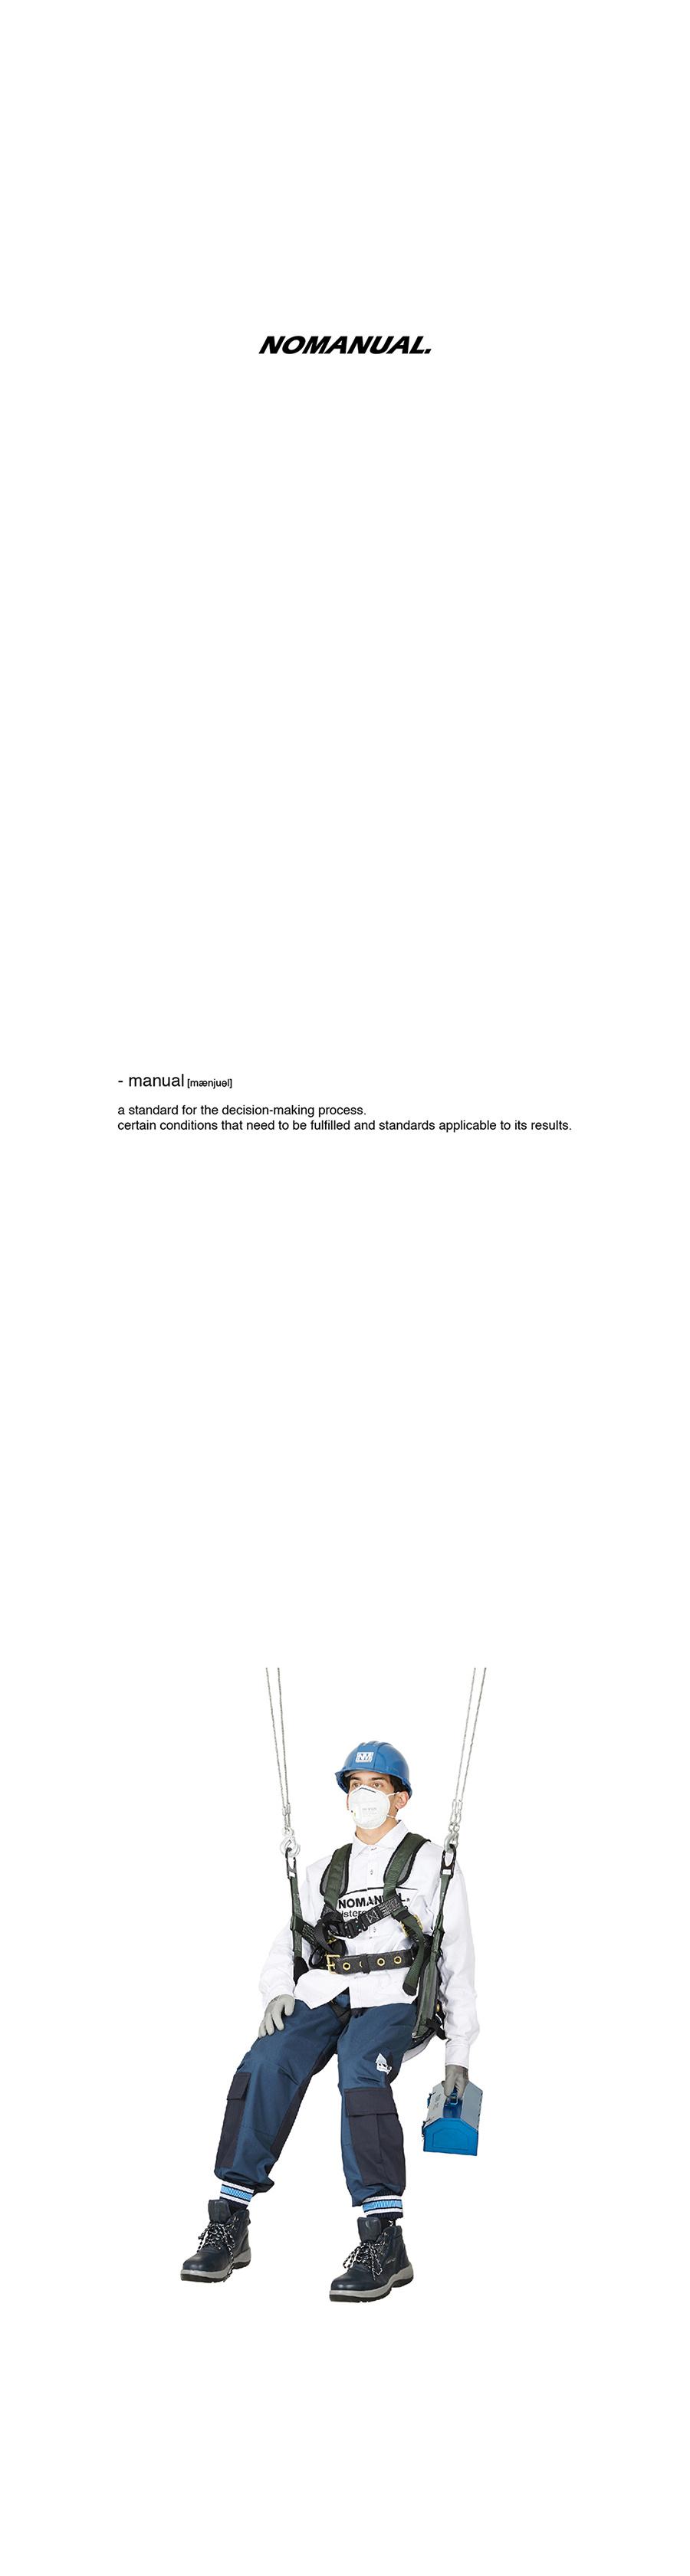 노매뉴얼(NOMANUAL) N LOGO SWEATSHIRT - BLACK